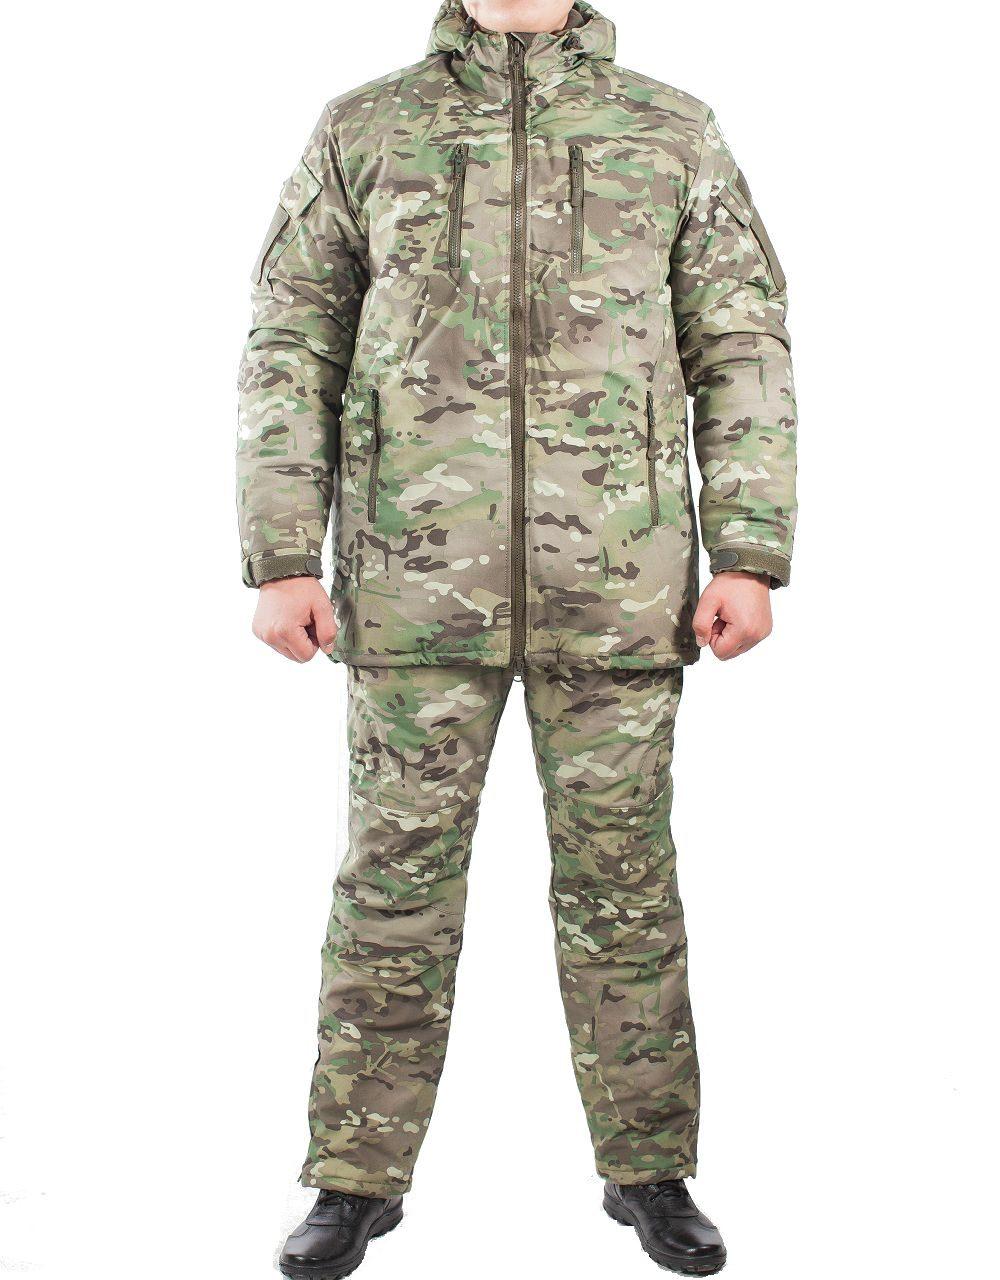 Костюм зимний МПА-38-01 (мембрана, мультикам), Костюмы утепленные<br>Костюм состоит из брюк с плечевой разгрузочной <br>системой, а также куртки со съемным капюшоном <br>и утепляющей подкладкой. Разработан для <br>подразделений воооруженных сил, действующих <br>в условиях экстремального холода (до -50 <br>градусов Цельсия). ХАРАКТЕРИСТИКИ ЗАЩИТА <br>ОТ ХОЛОДА ДЛЯ ИНТЕНСИВНЫХ НАГРУЗОК ДЛЯ <br>АКТИВНОГО ОТДЫХА ТОЛЬКО РУЧНАЯ СТИРКА МАТЕРИАЛЫ <br>МЕМБРАНА УТЕПЛИТЕЛЬ ФАЙБЕРСОФТ<br><br>Пол: мужской<br>Размер: 48<br>Рост: 170<br>Сезон: зима<br>Цвет: зеленый<br>Материал: мембрана